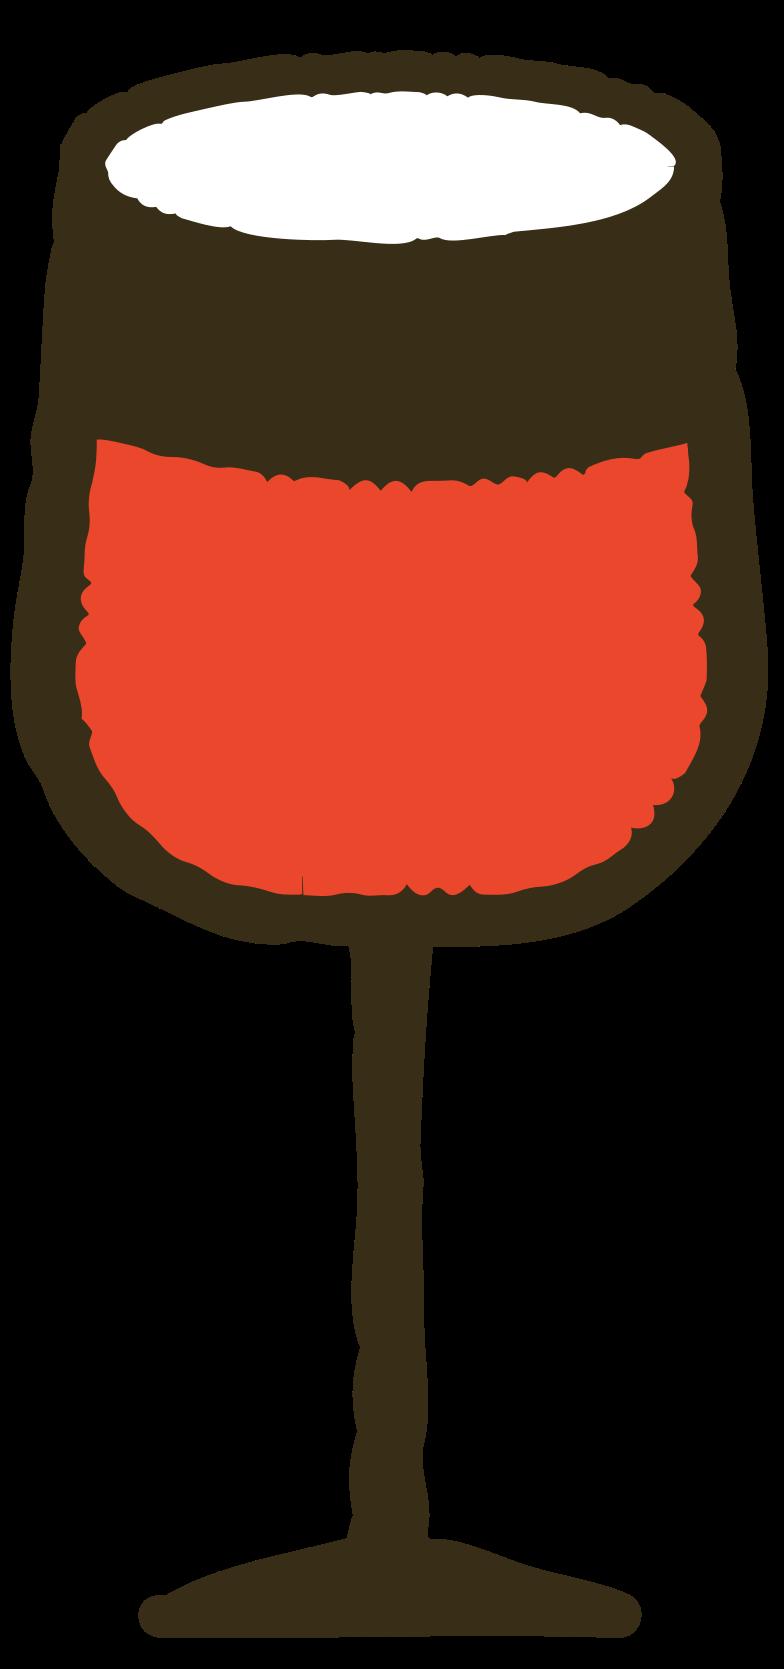 vine glass Clipart illustration in PNG, SVG